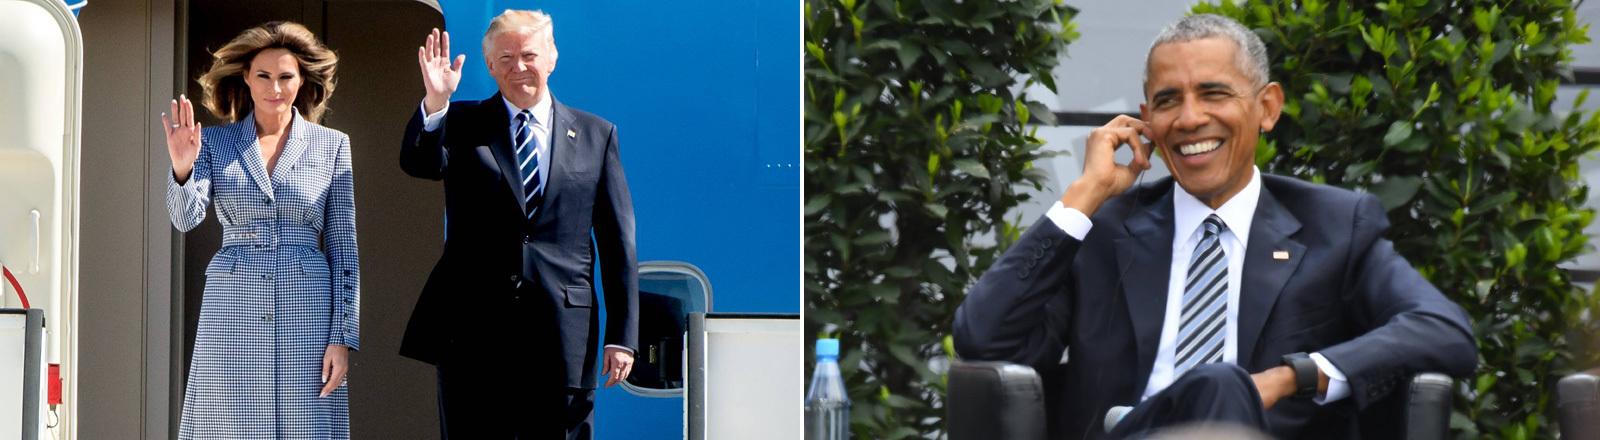 Donald und Melania Trump bei der Ankunft in Brüssel |rechts im Bild: Barack Obama beim evangelischen Kirchentag in Berlin